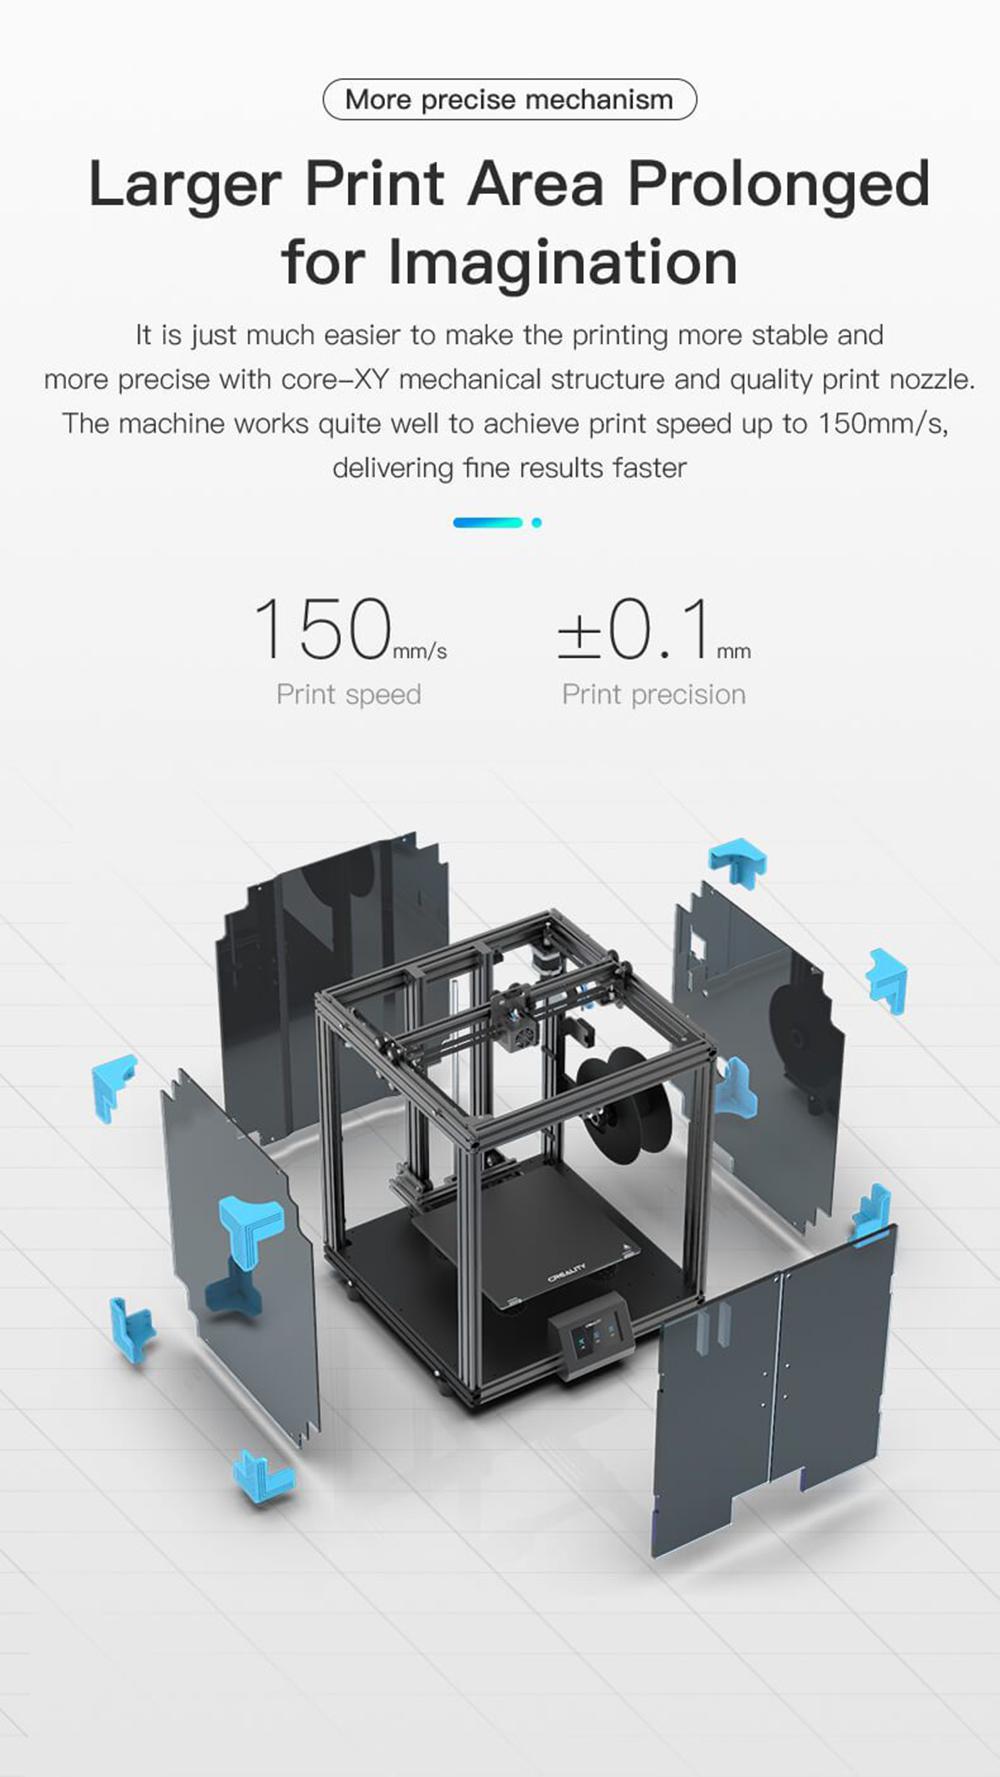 Creality3D Ender 6 3D-Drucker Bausatz - 250x250x400mm - Höhere Stabilität und noch präziser dank Core Rahmenstruktur